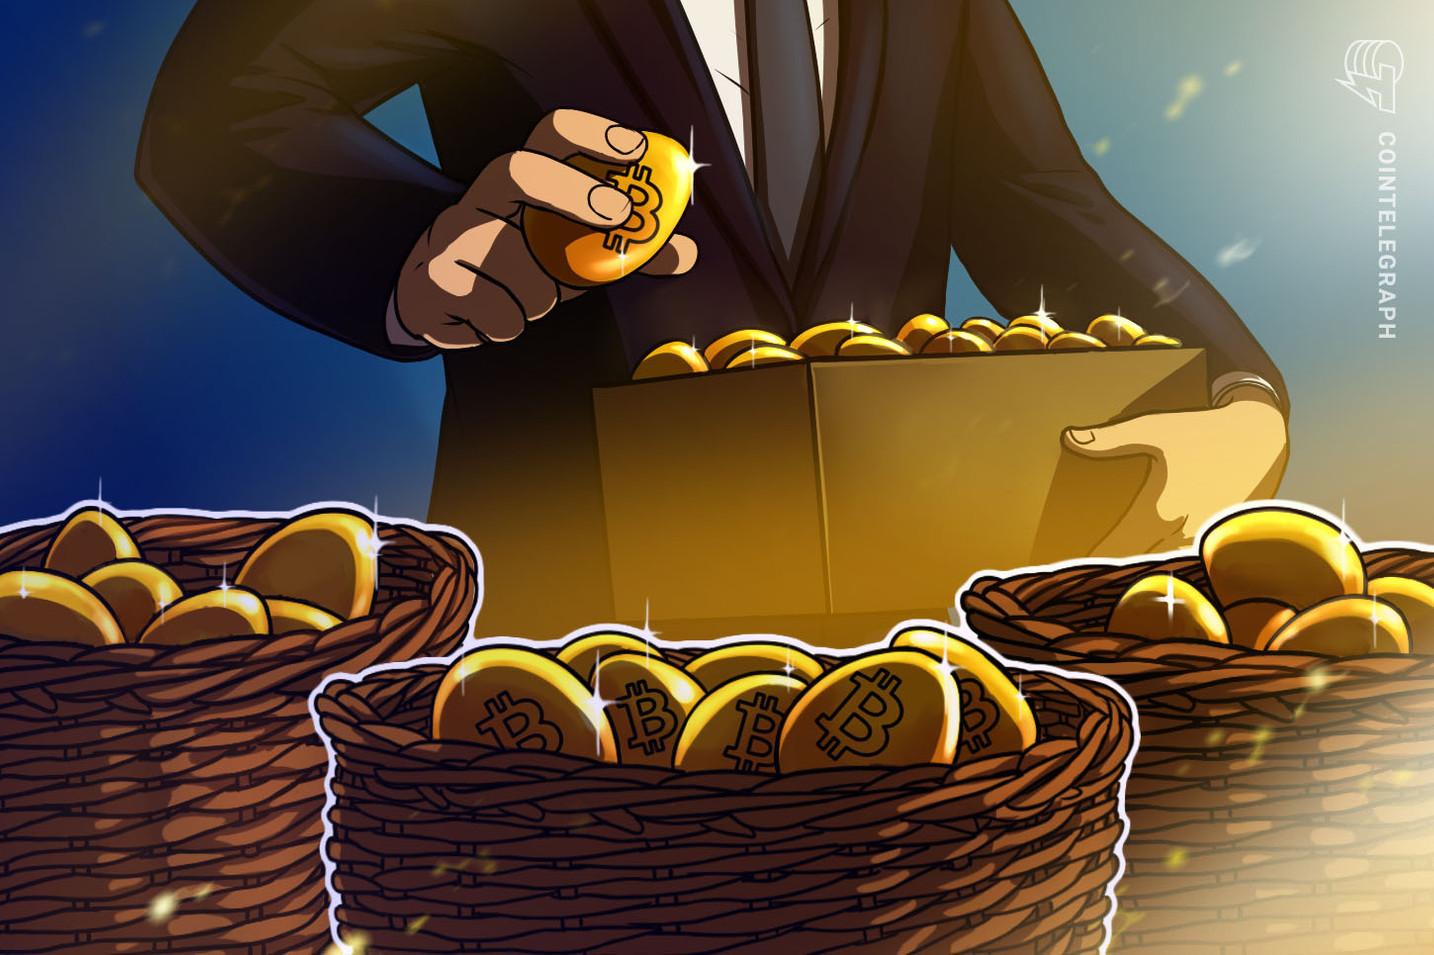 ポートフォリオ1%に仮想通貨ビットコイン、「もはやクレイジーじゃない」=マーク・ユスコCEO